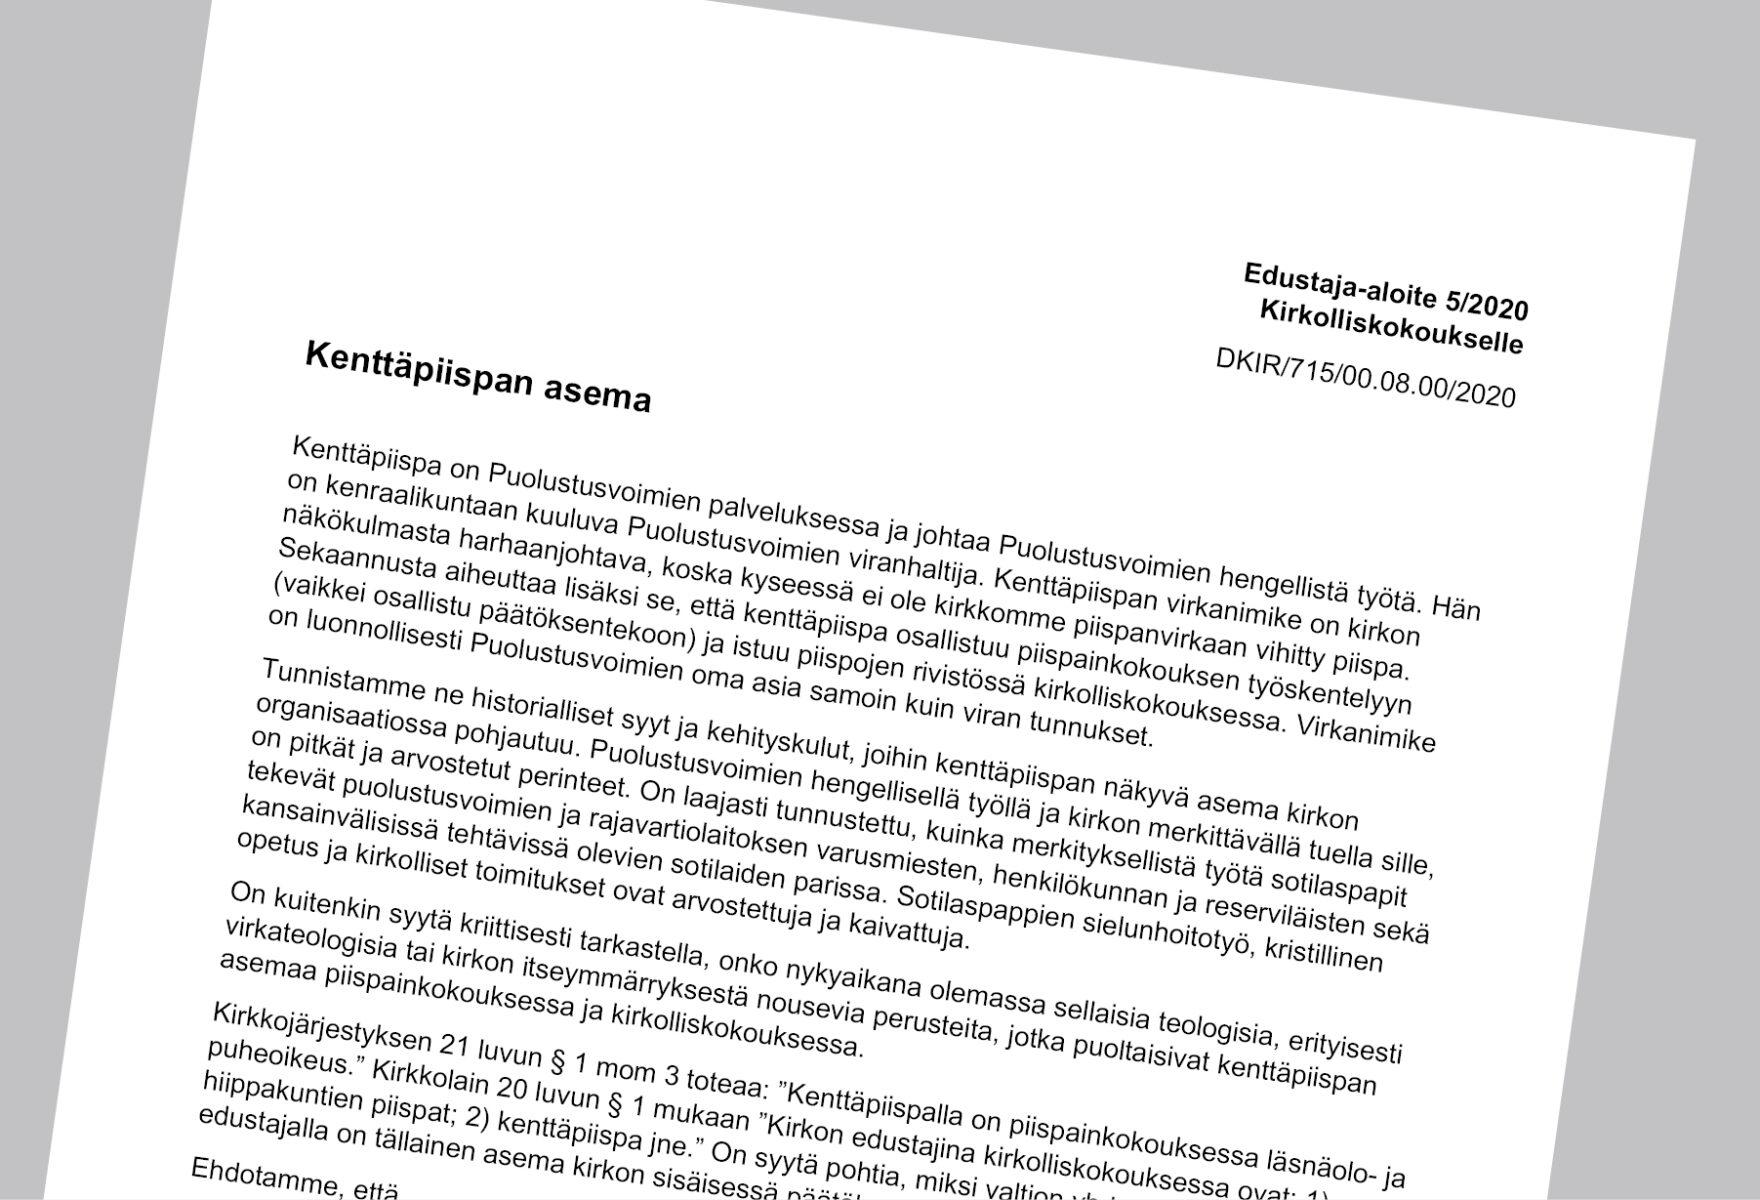 Turun kokouksessa käsitellään muun muassa kenttäpiispaan liittyvää aloitetta.